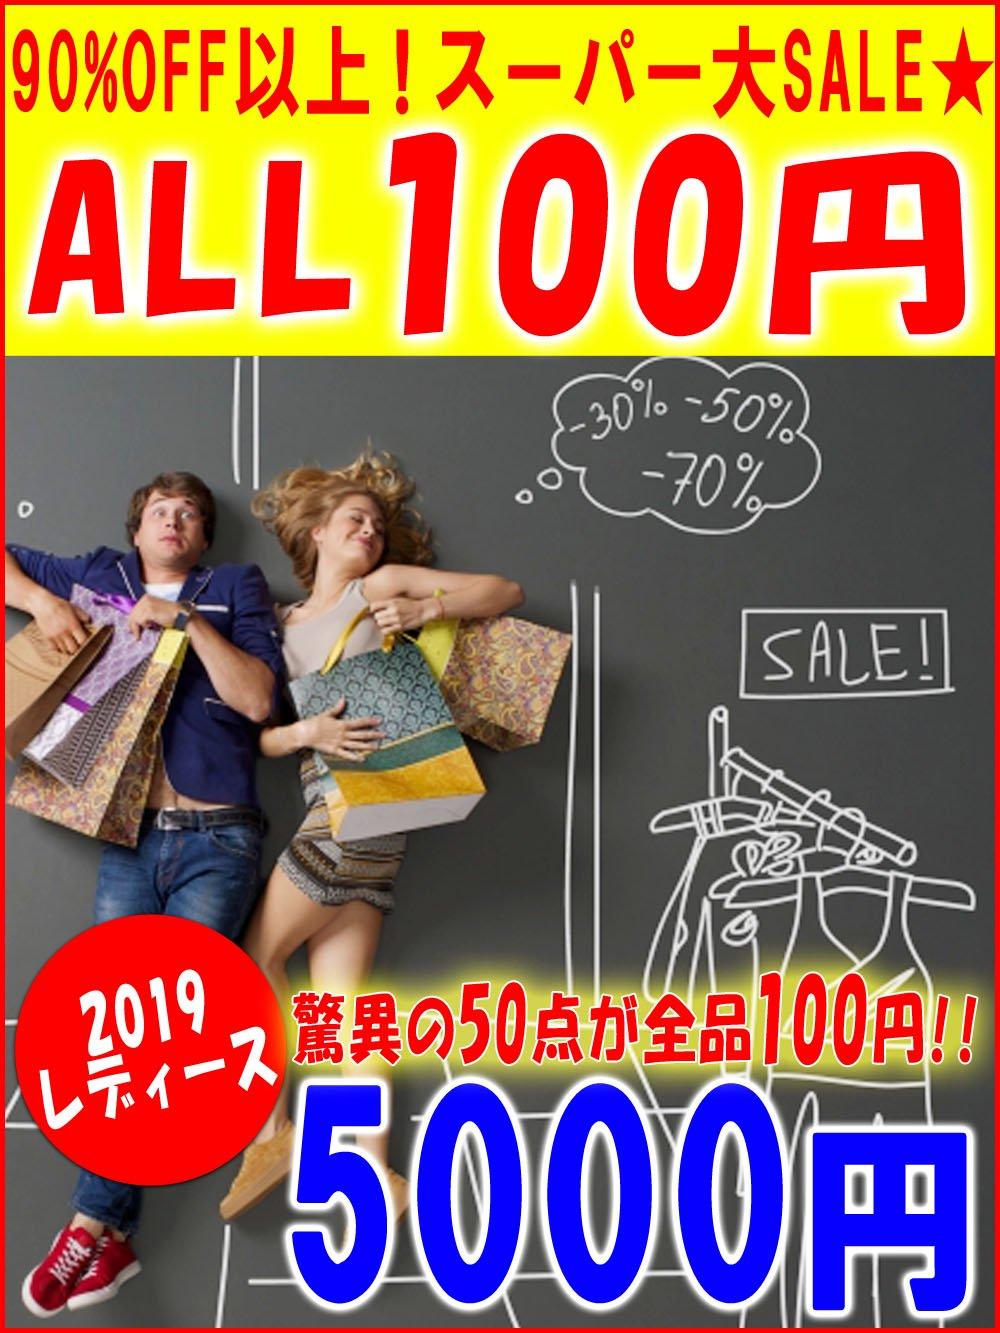 【 90%OFF以上 】2019レディース売りつくし大SALE 【50点】@100